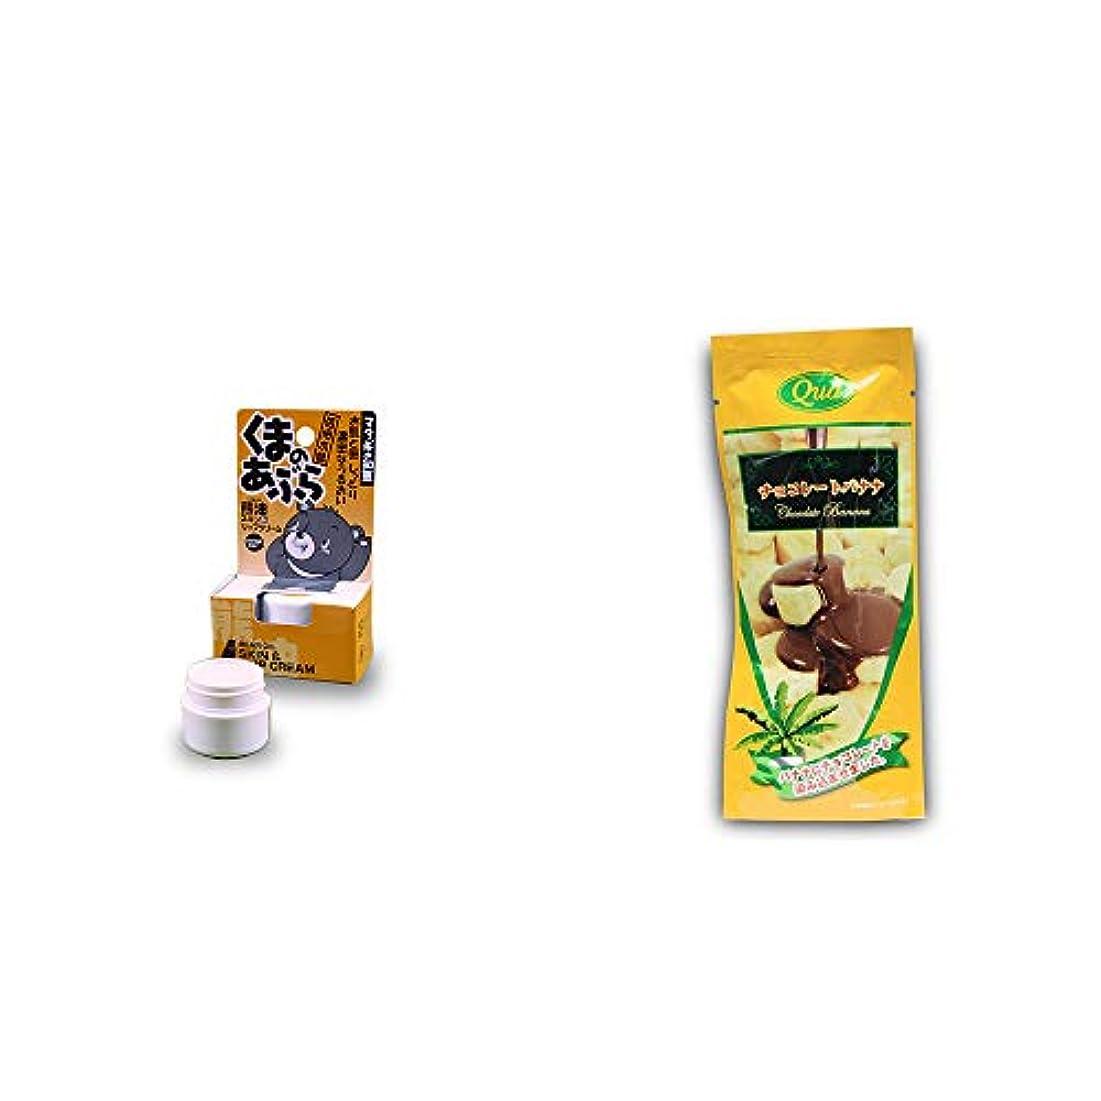 ペナルティ農場共和党[2点セット] 信州木曽 くまのあぶら 熊油スキン&リップクリーム(9g)?フリーズドライ チョコレートバナナ(50g)